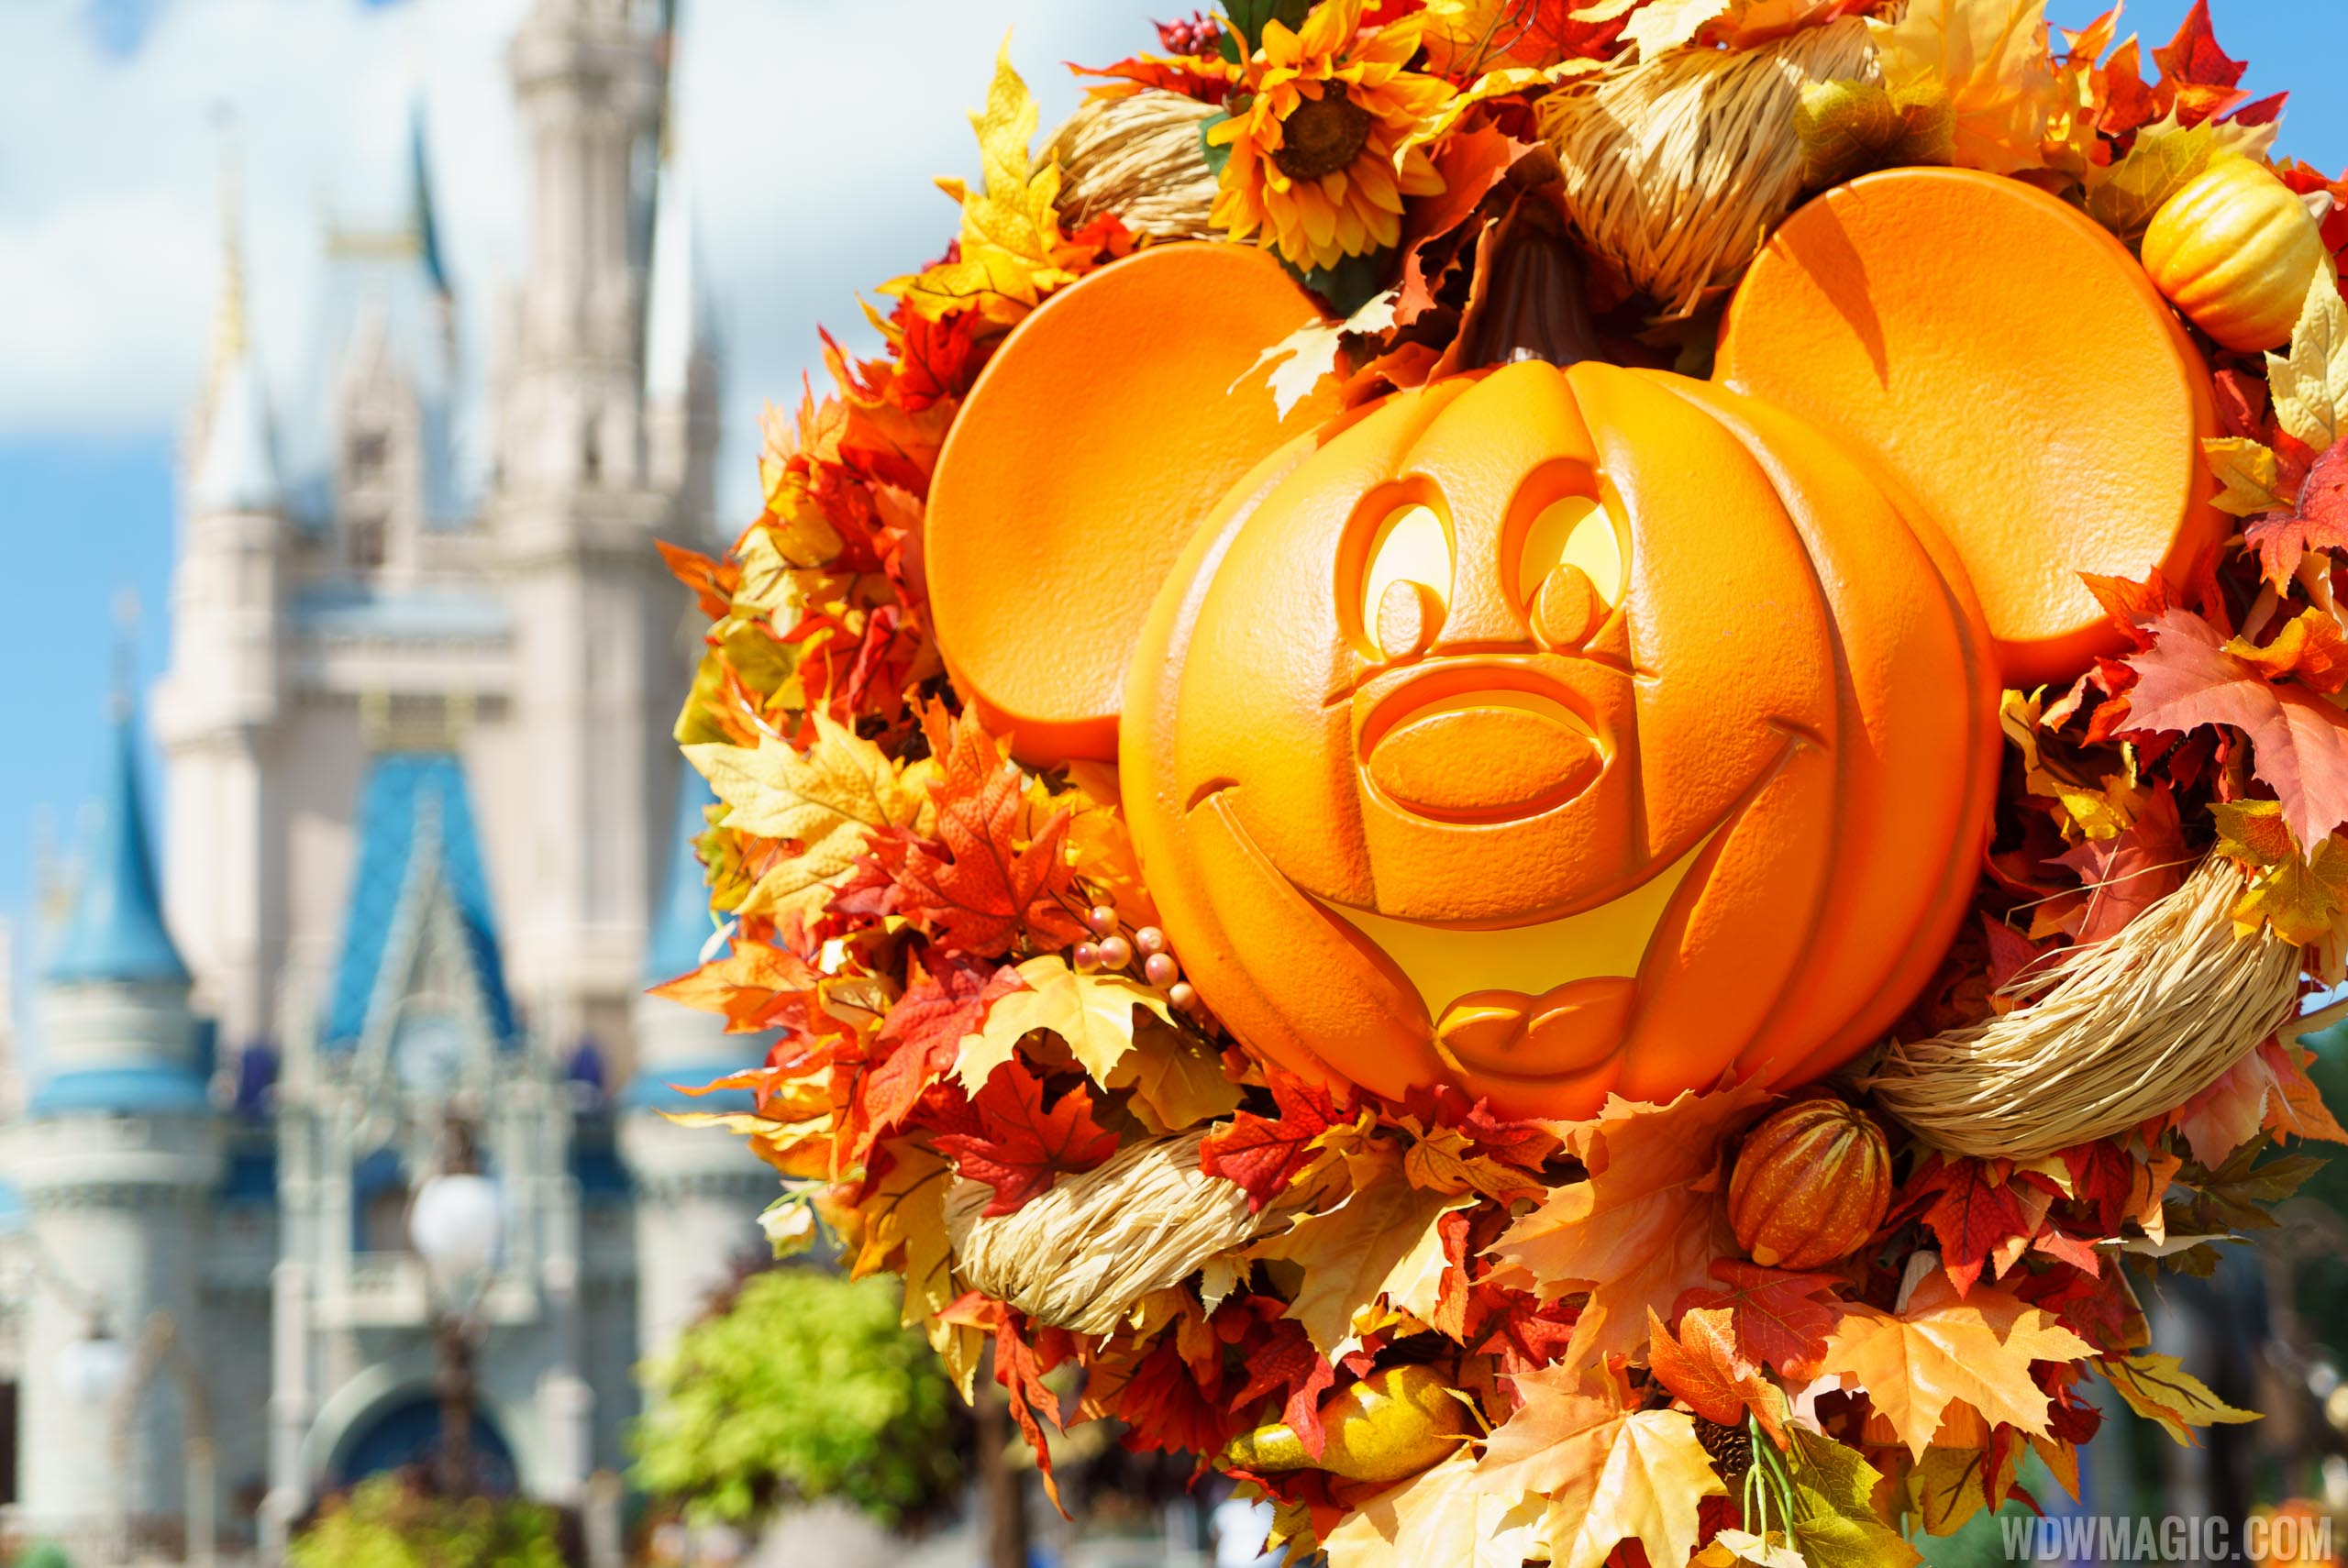 Magic Kingdom's fall Halloween decorations 2016